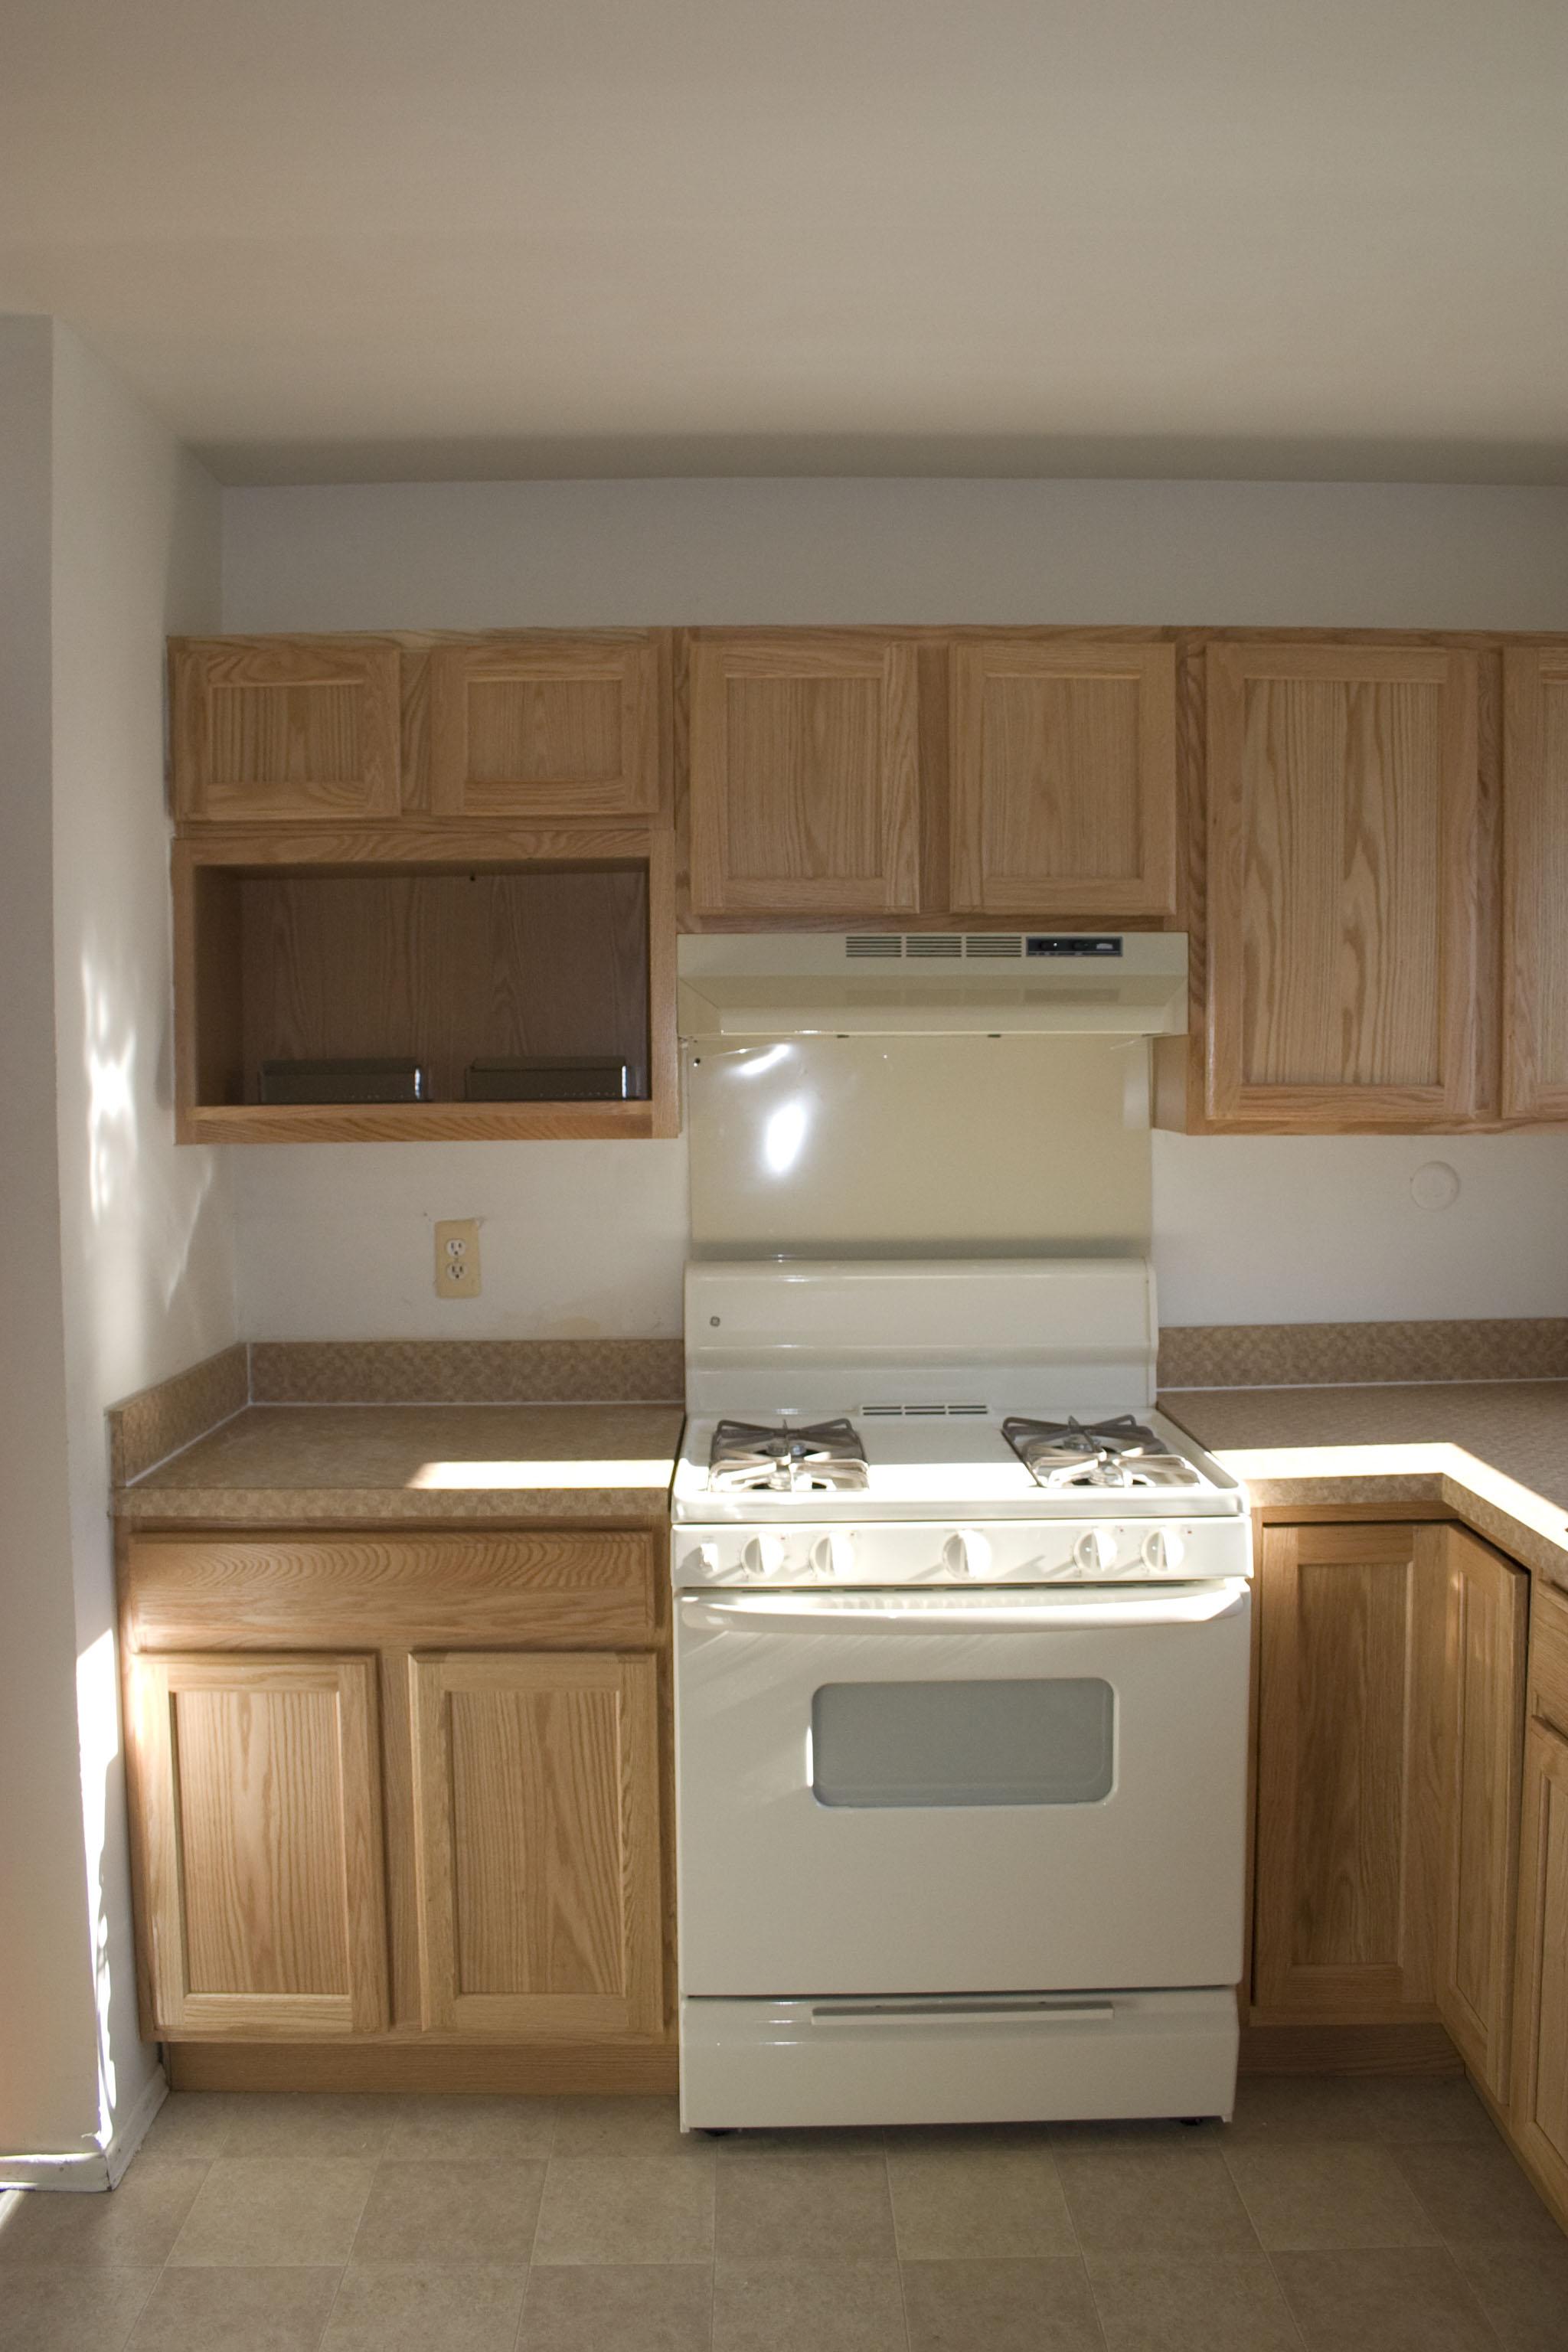 2-bedroom kitchen, #1